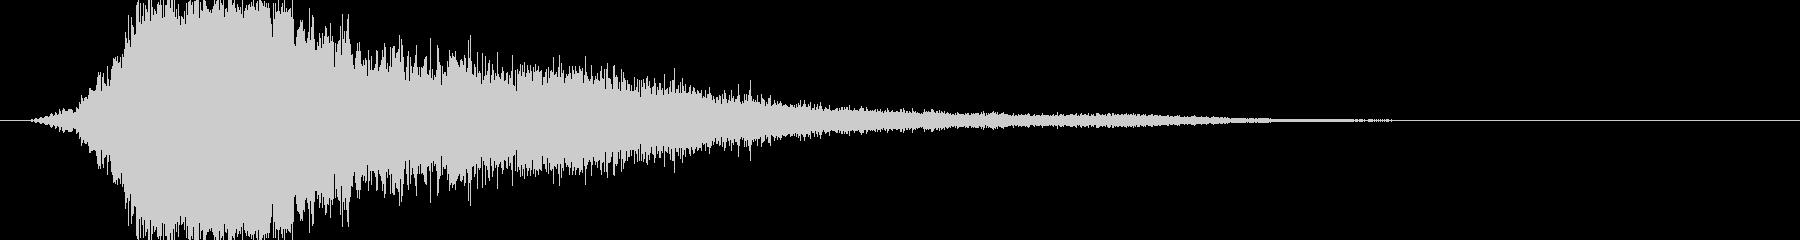 シャキーン(刀や剣、抜刀、インパクト)2の未再生の波形